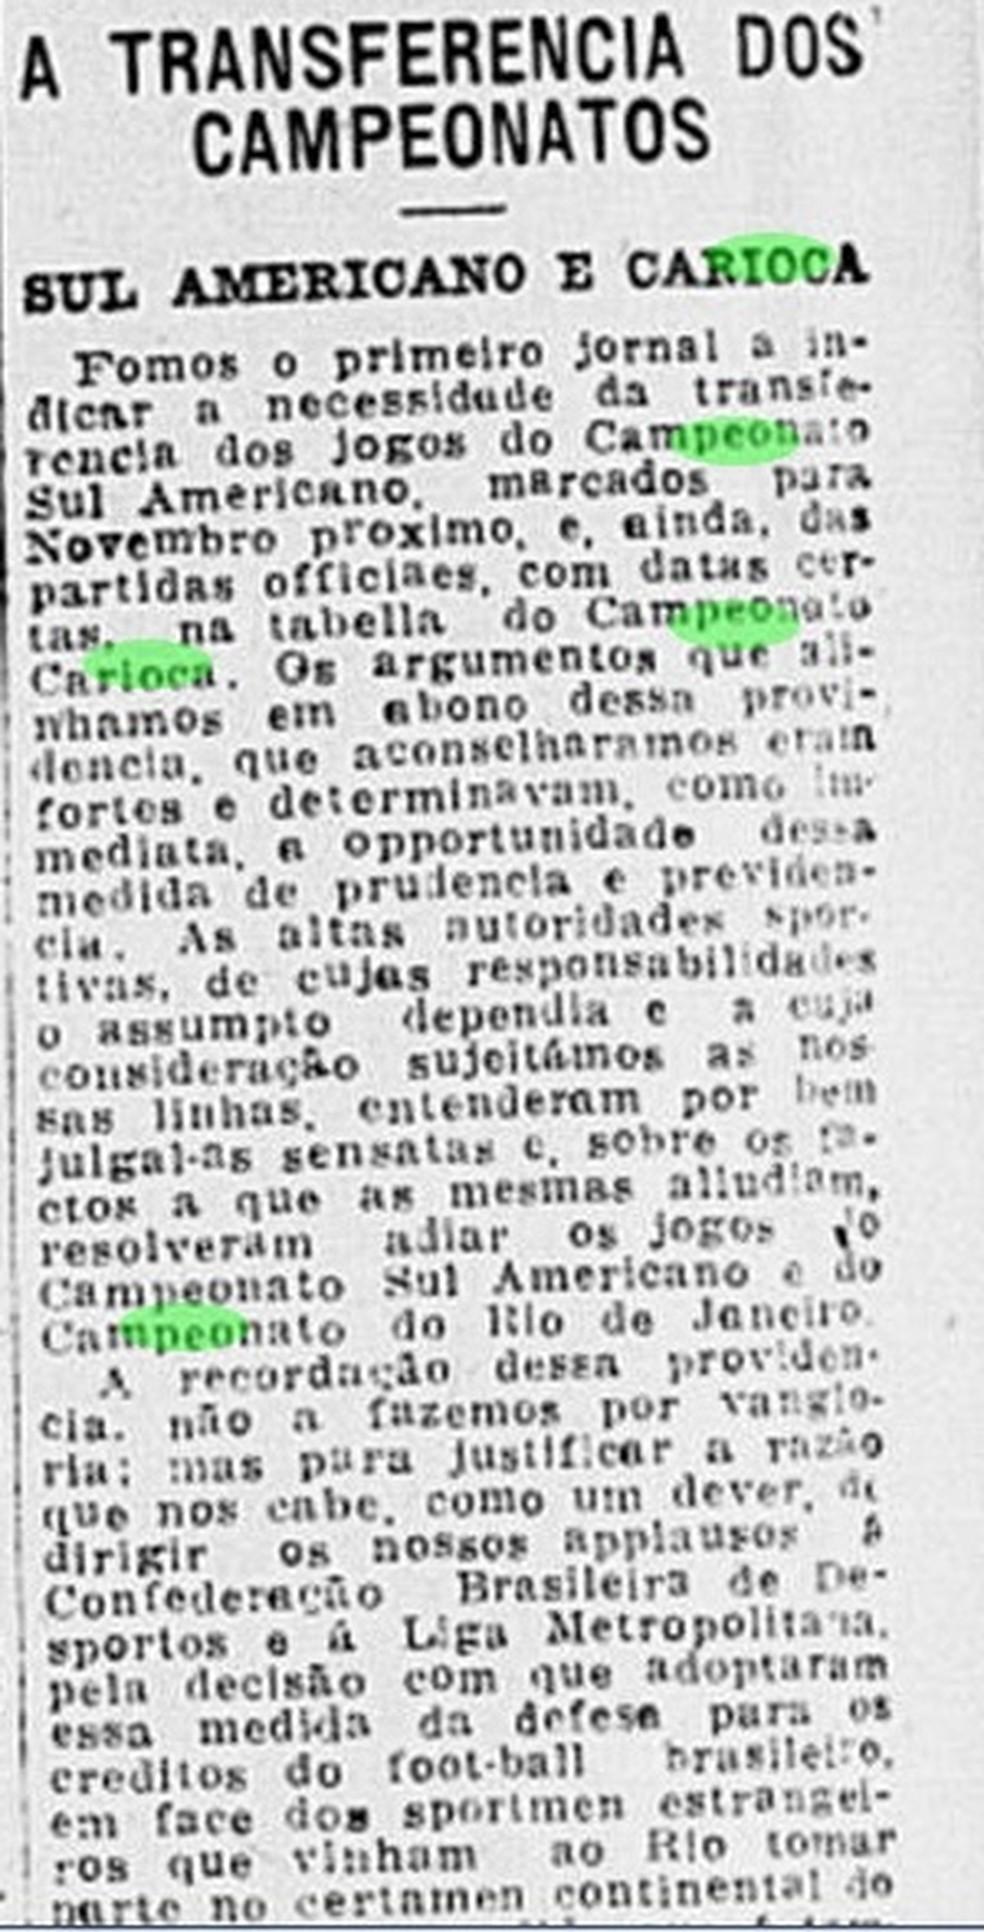 Copa América e Campeonato Carioca foram adiados por conta de pandemia em 1918 — Foto: Reprodução/Jornal do Brasil